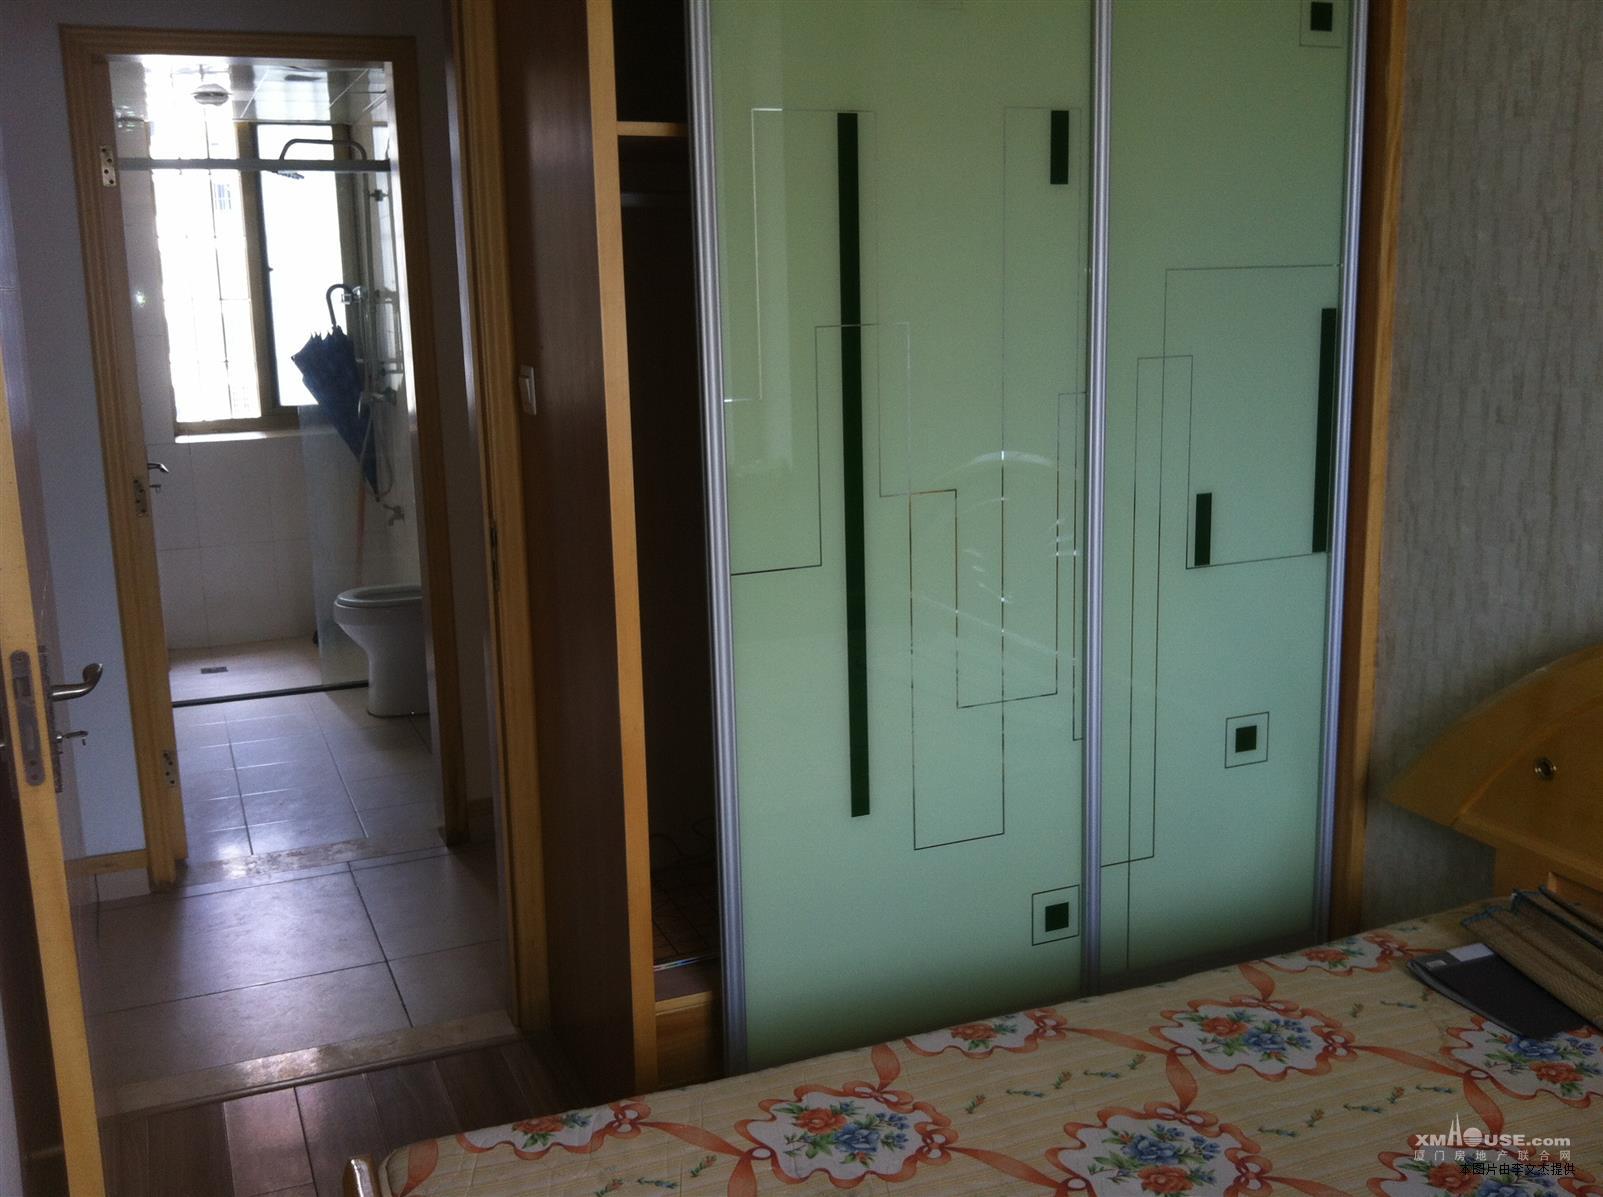 98平米房子装修图 98平米房子装修图在线观看 阳台榻榻米